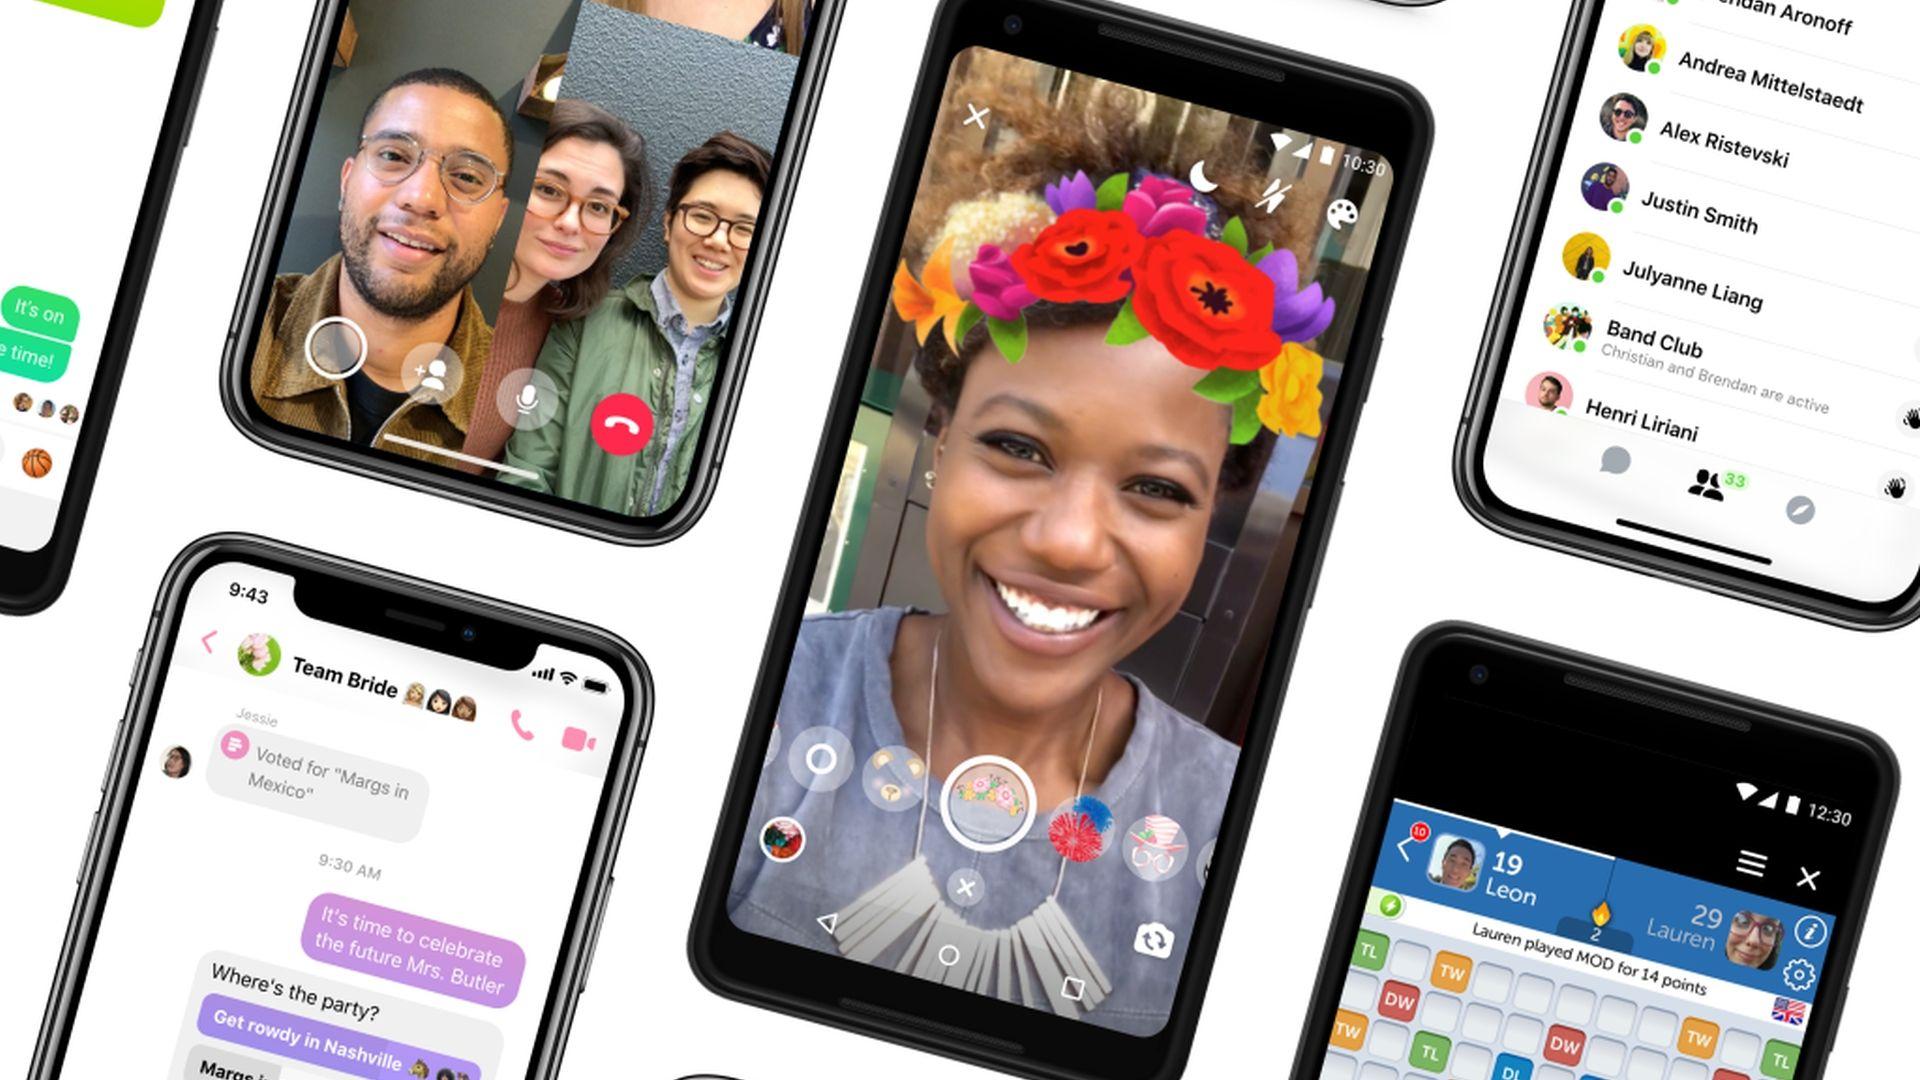 Aplikacja Messenger 4 wprowadzi tryb ciemny oraz łatwiejszą nawigację